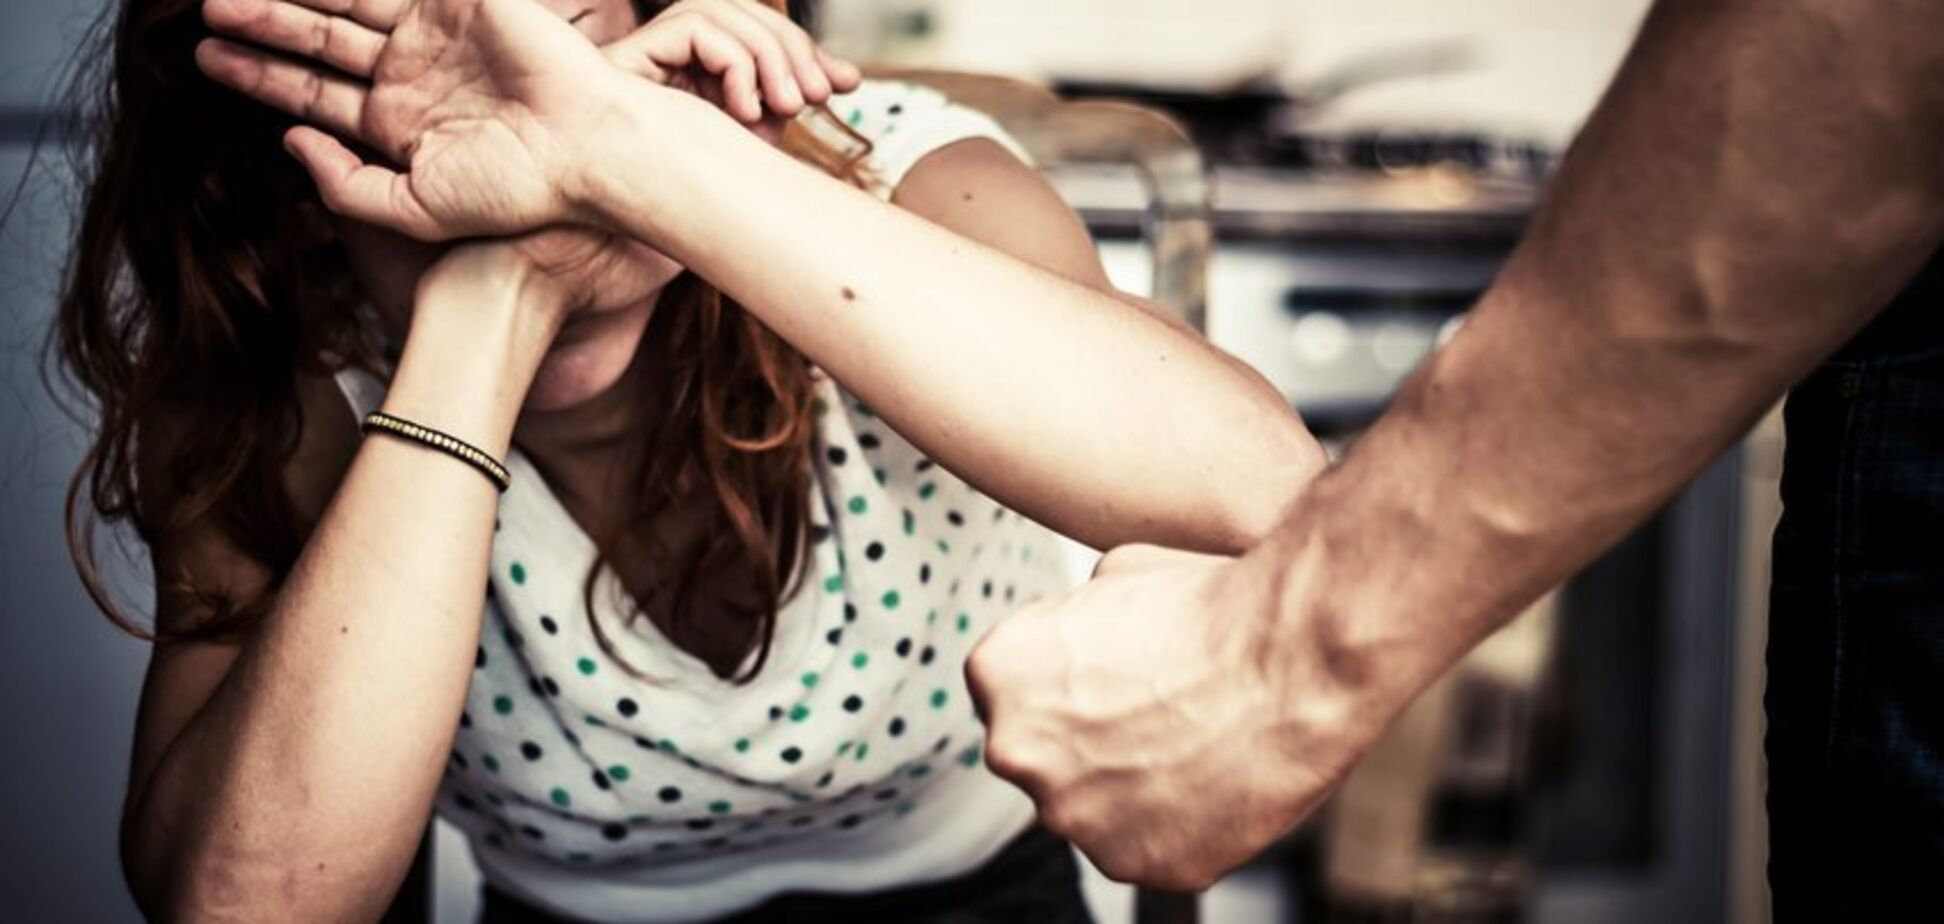 Як врятуватися від сімейного тирана: психолог дала поради жінкам